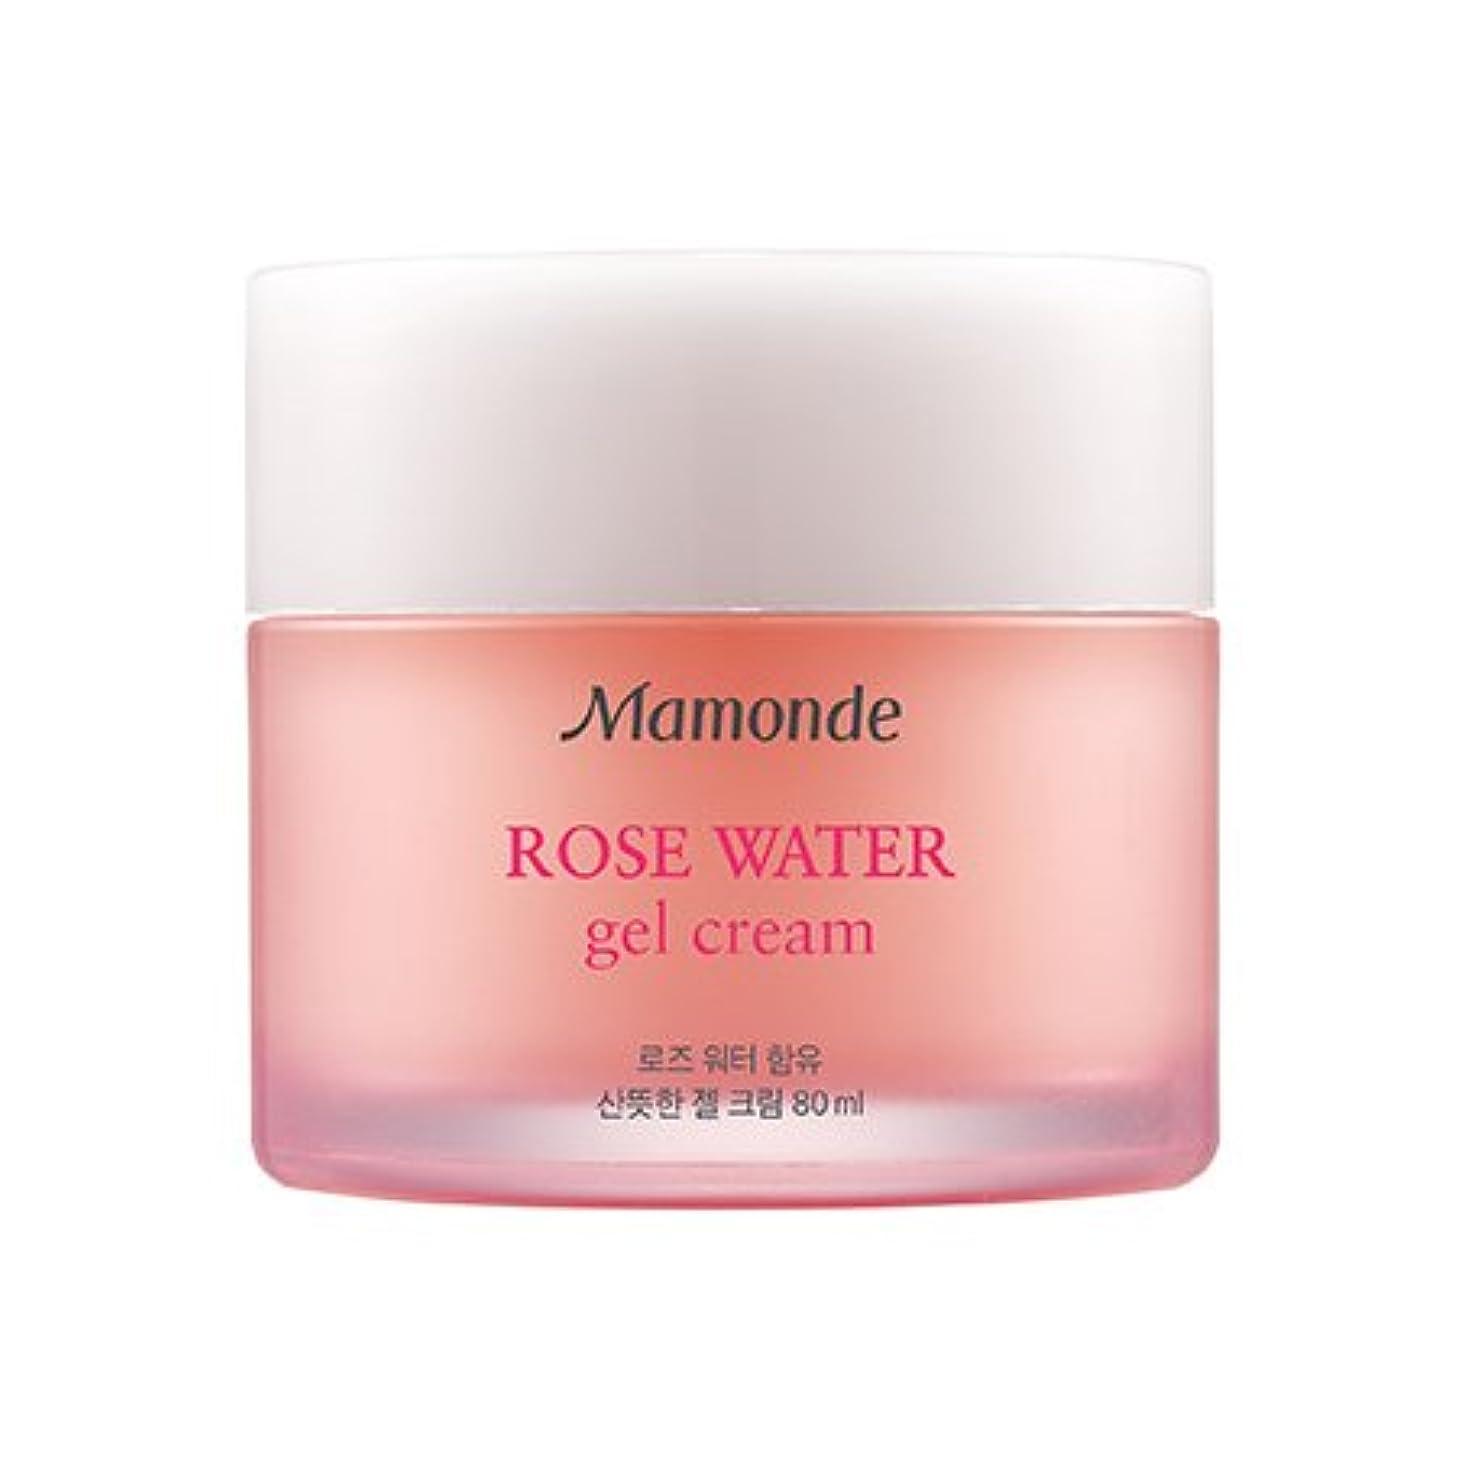 慈悲深い南方のジーンズMamonde Rose Water Gel Cream 80ml/マモンド ローズ ウォーター ジェル クリーム 80ml [並行輸入品]